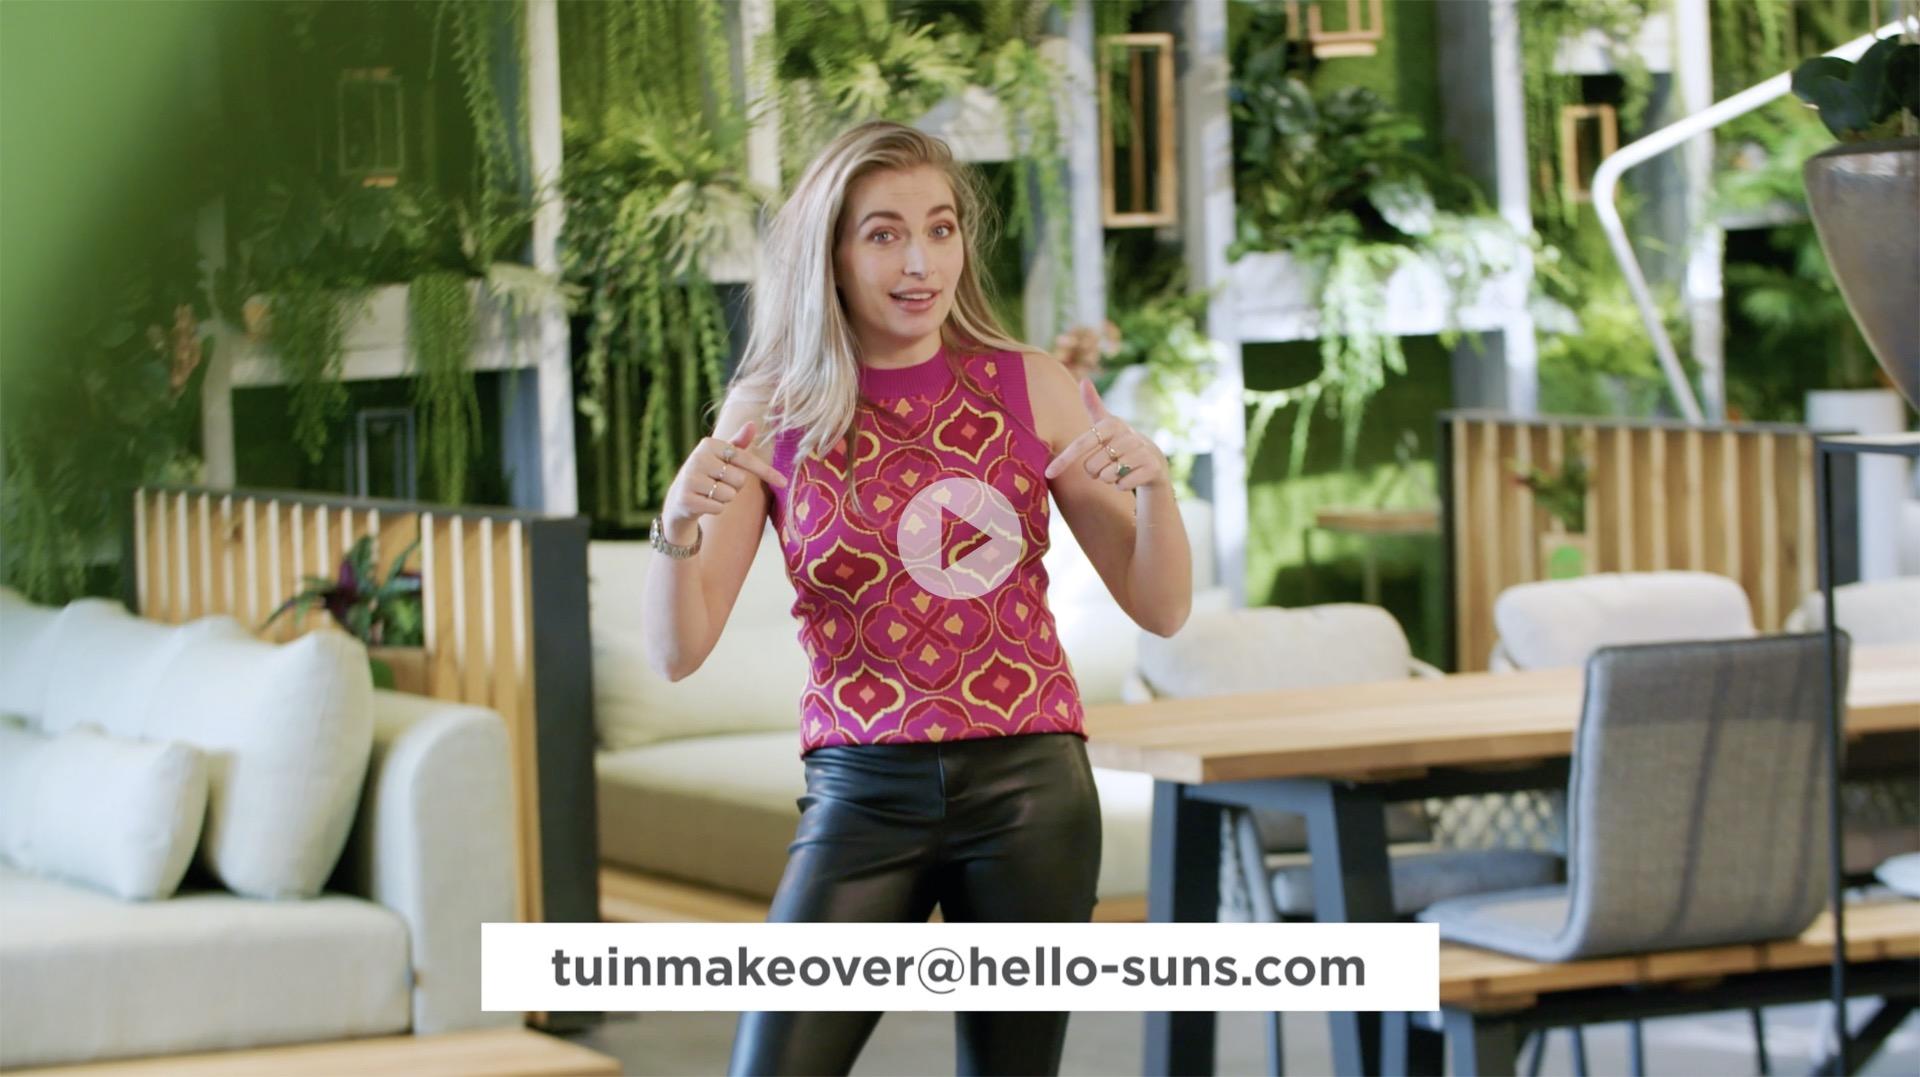 SUNS-video3